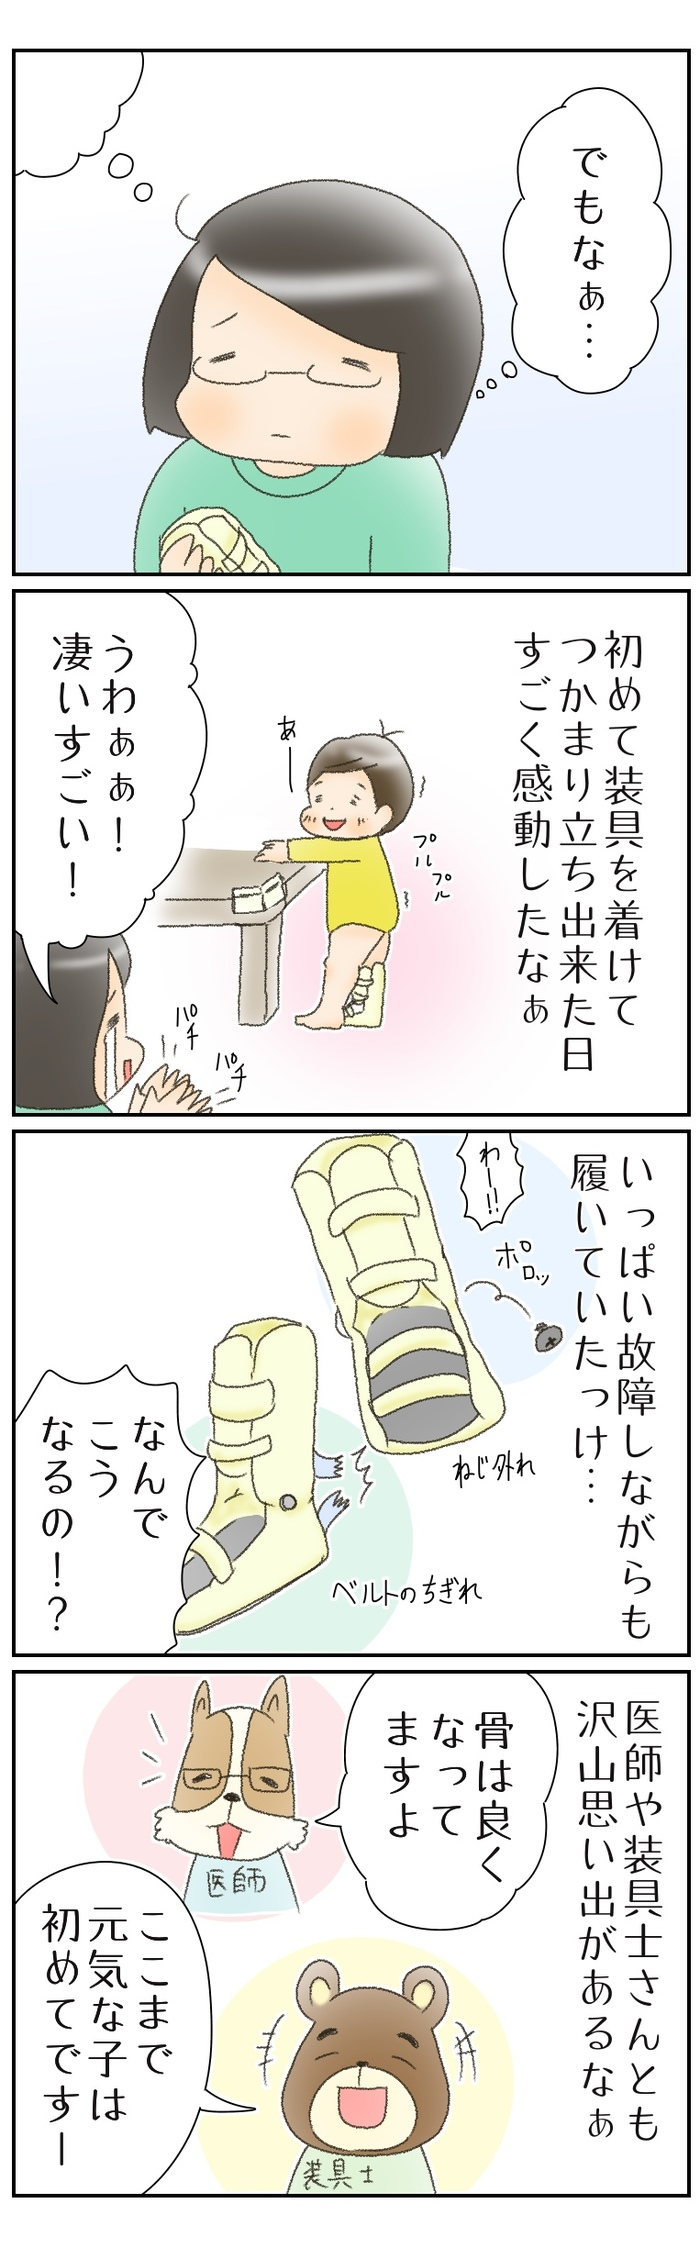 """共に育児してきた""""戦友""""だから…。息子が脚に着けている「装具」の話の画像2"""